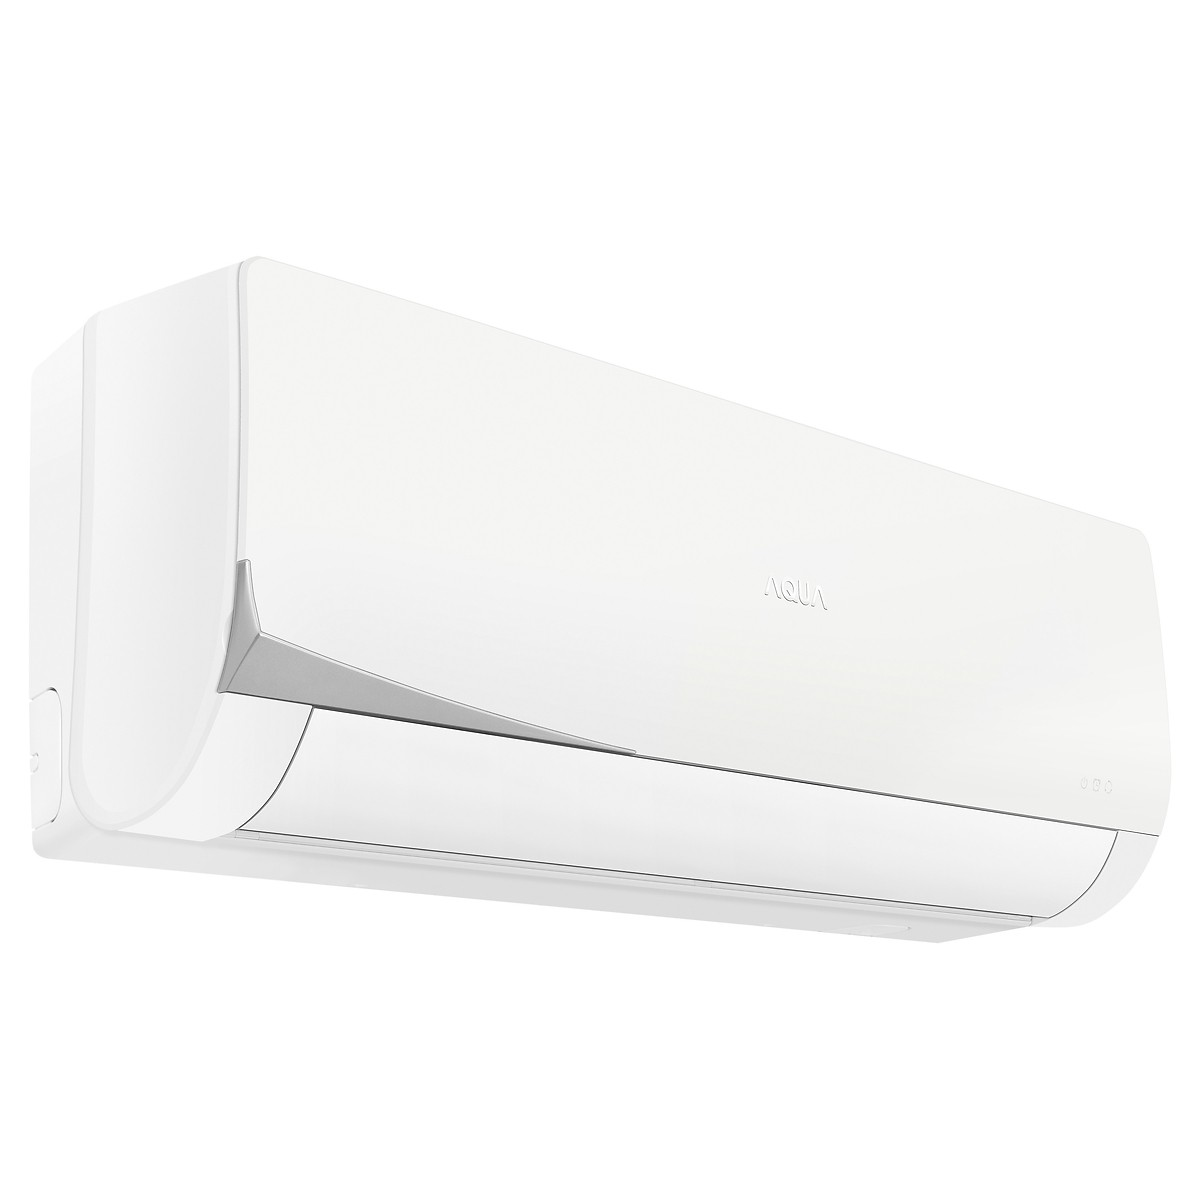 Máy lạnh Aqua 1.5 HP AQA-KCR12NQ - Hàng Chính Hãng + Tặng Ê Ke Treo Máy Lạnh